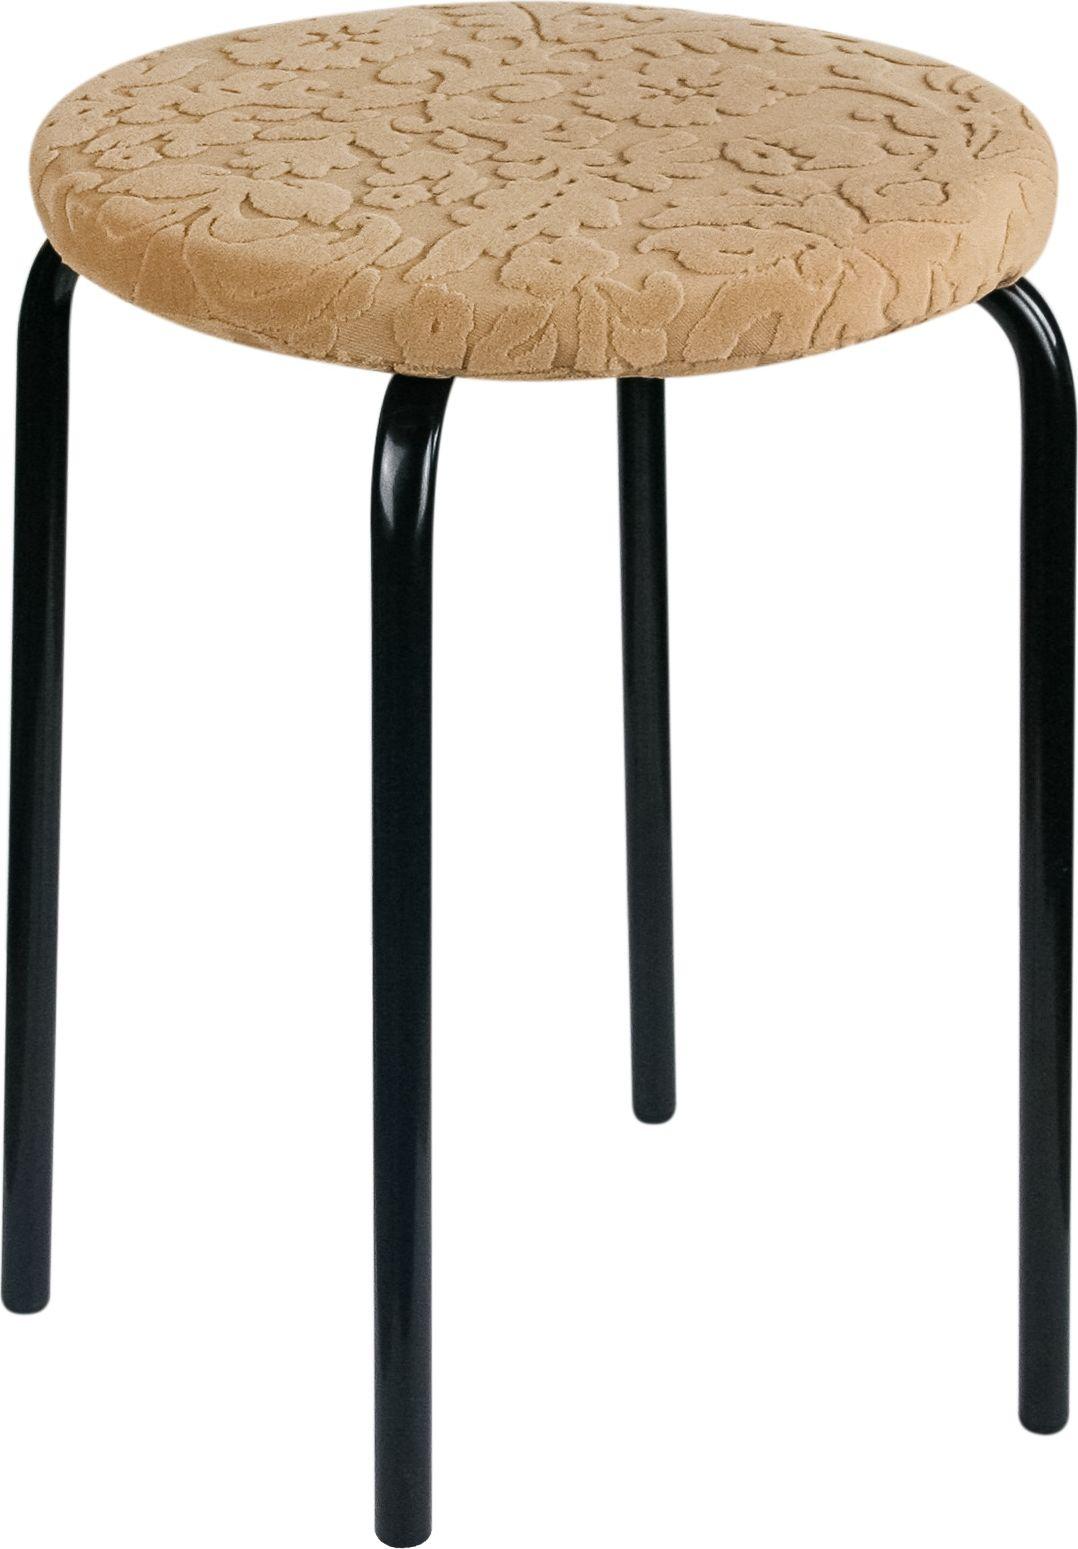 Чехол на табурет Медежда Челтон, круглый, с подушкой, цвет: бежевый чехол на двухместный диван медежда лидс цвет бежевый